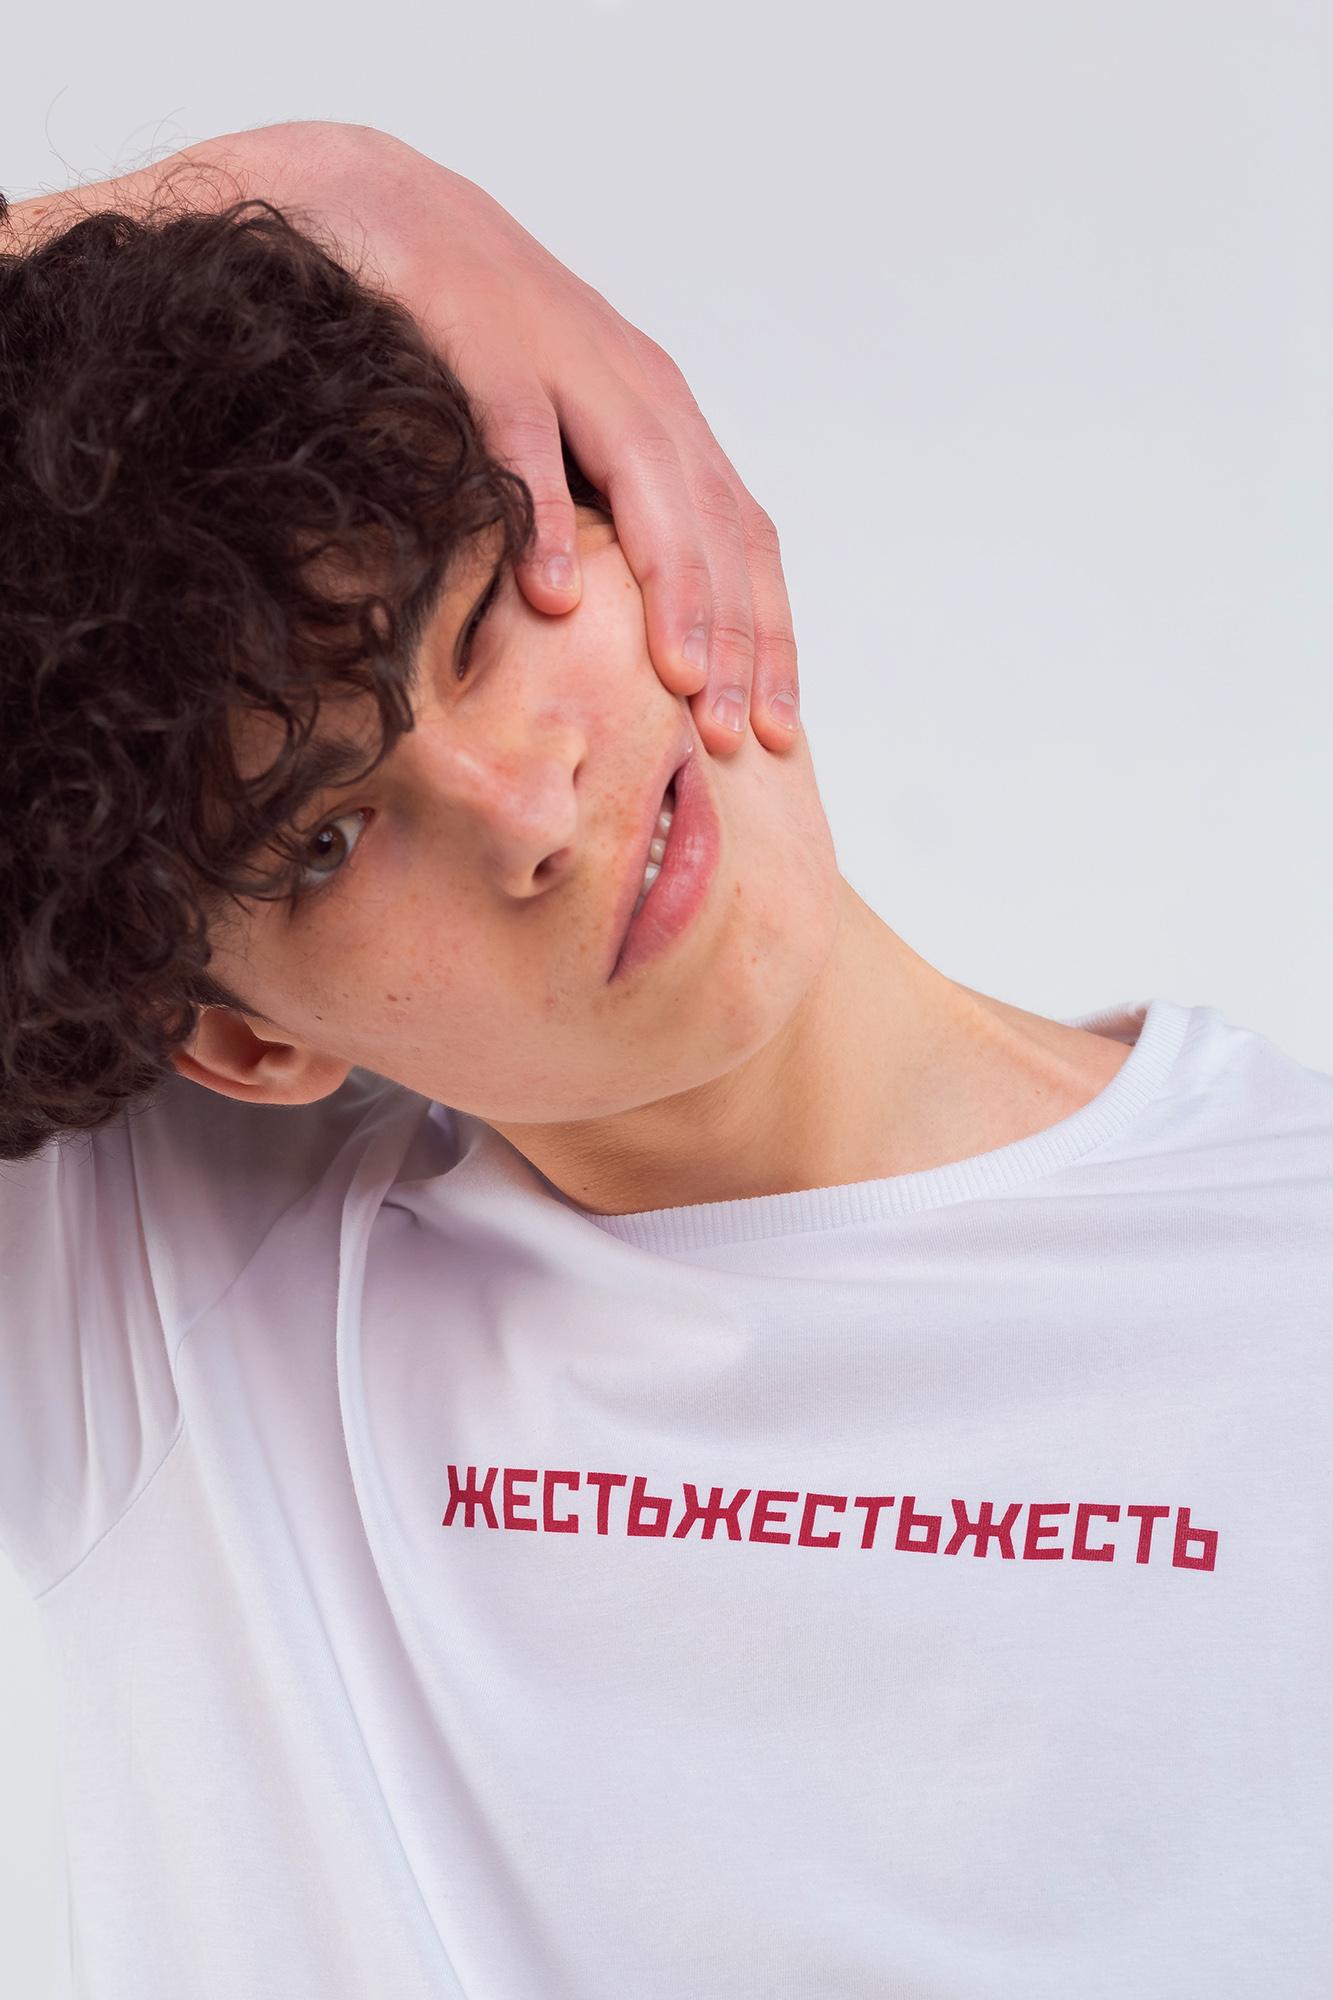 футболка жестьжестьжесть